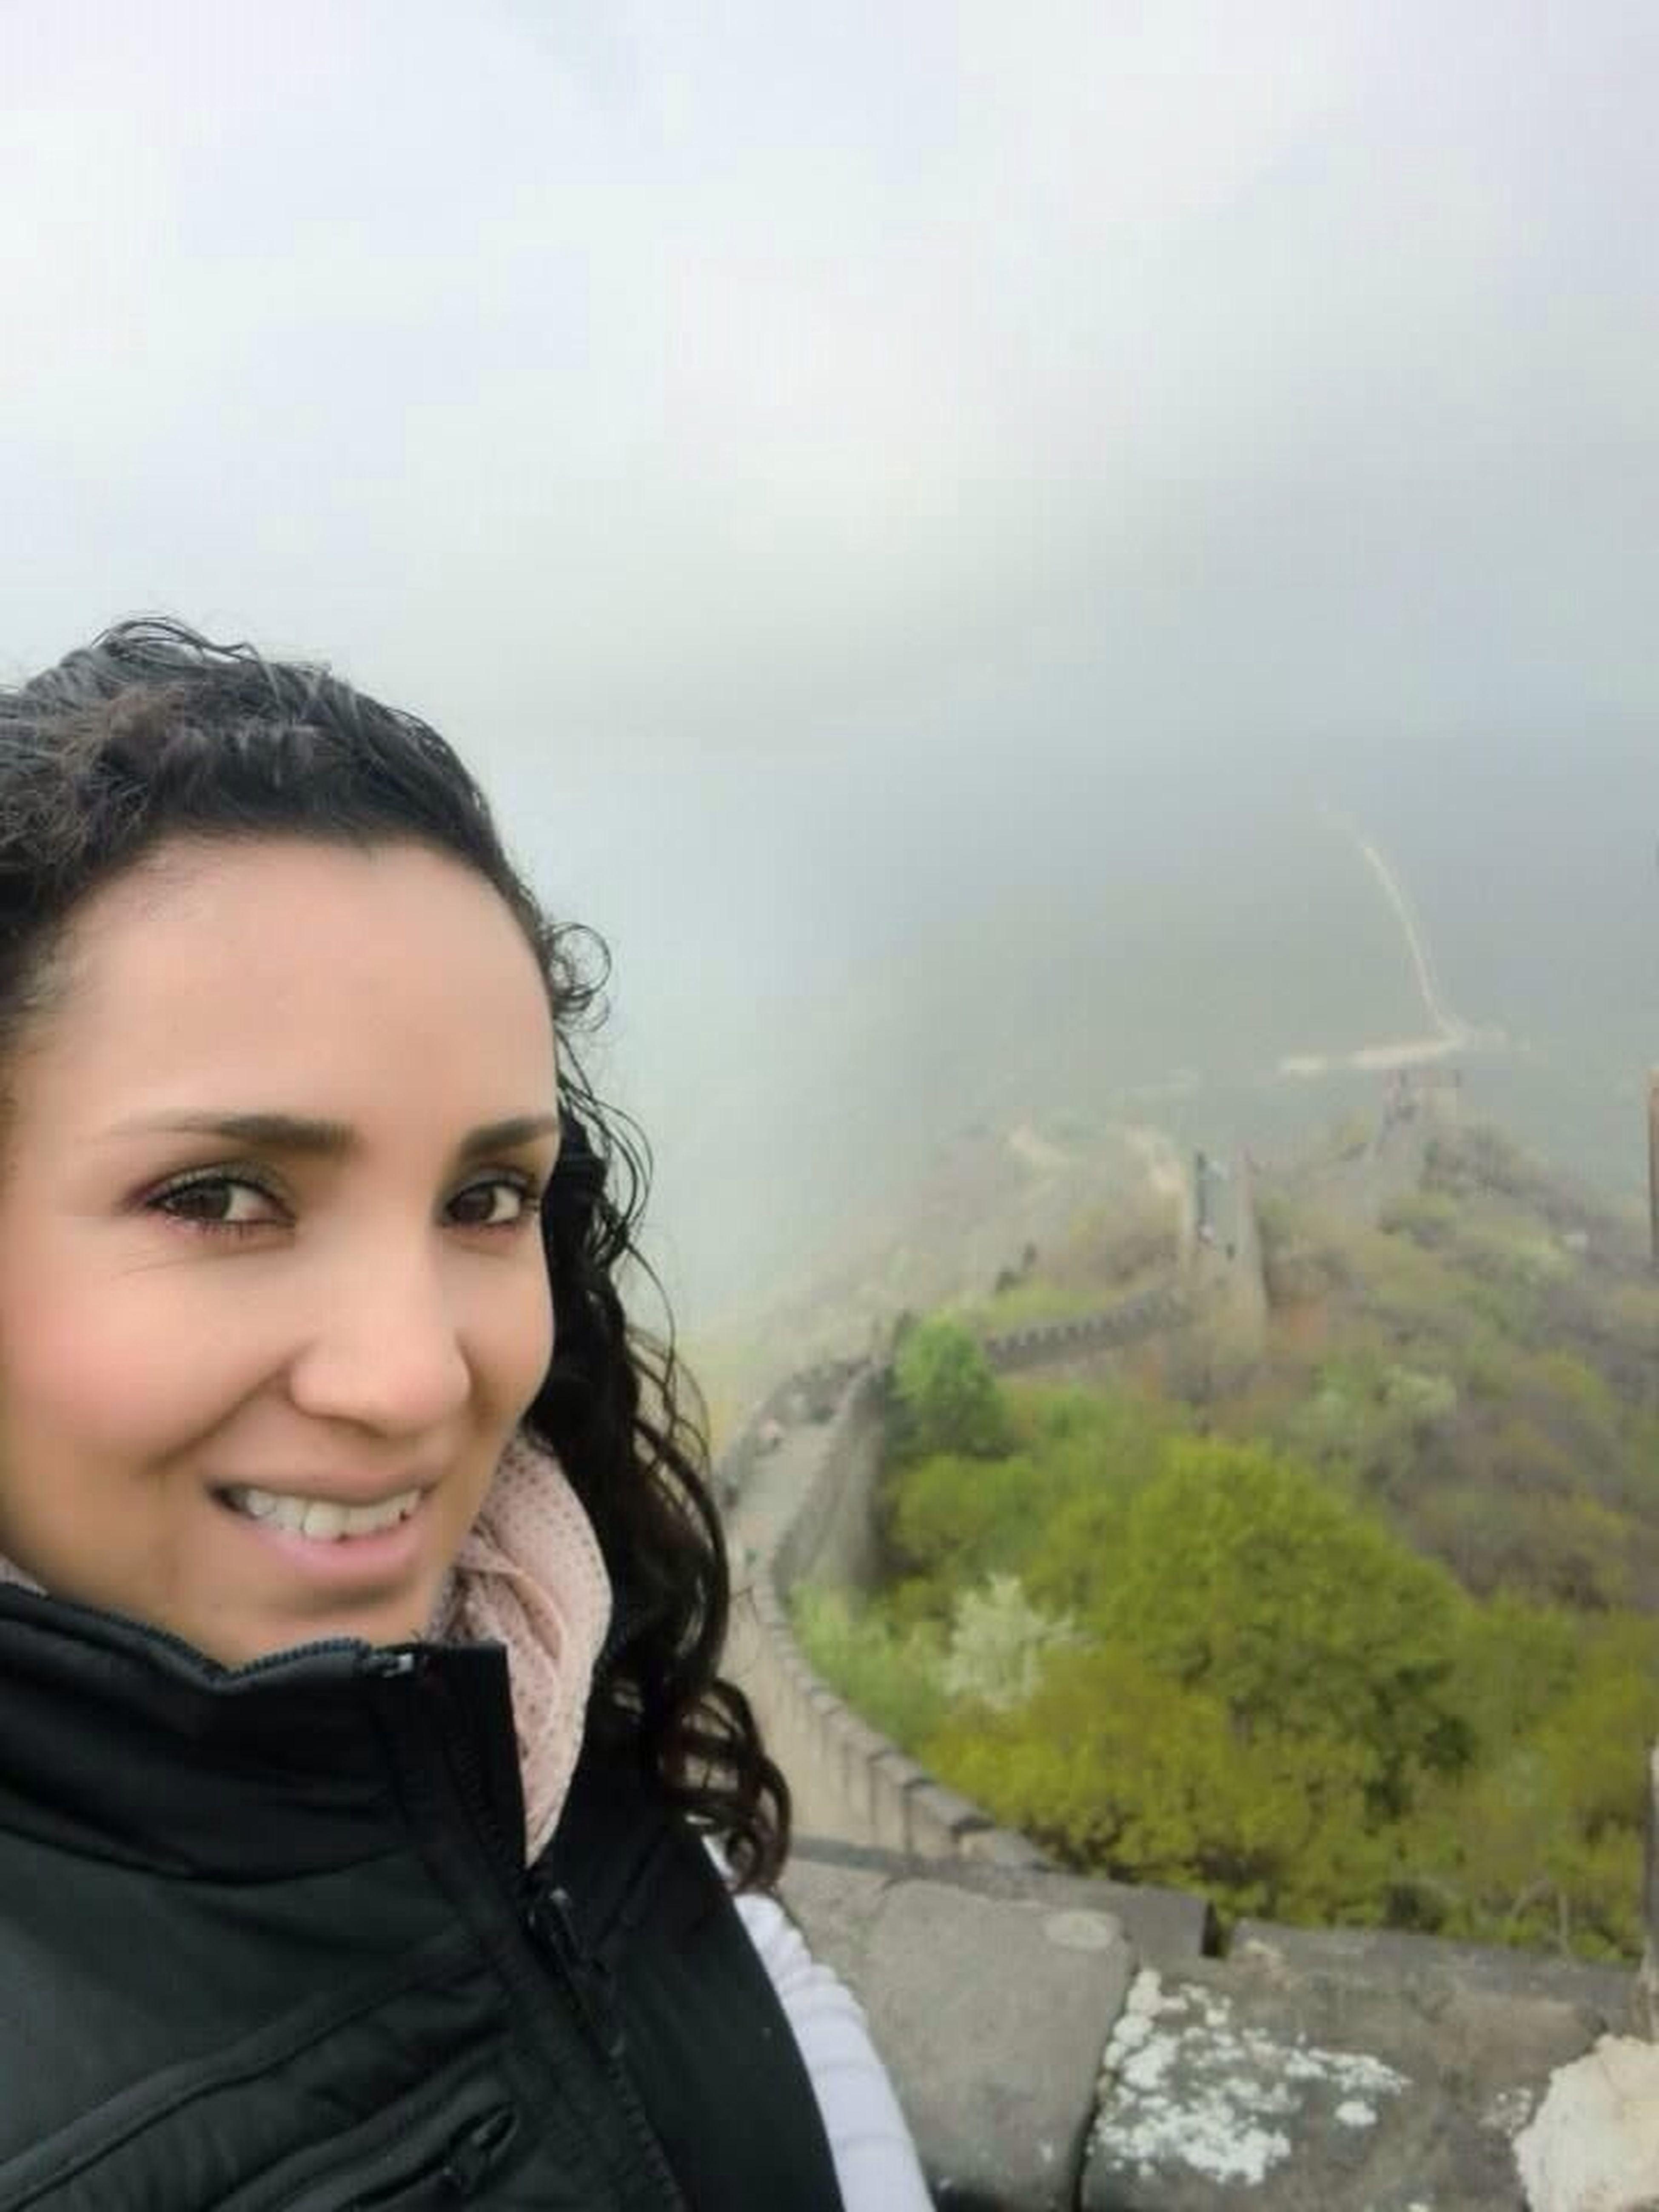 una de las 7 maravillas del mundo, la gran muralla china!